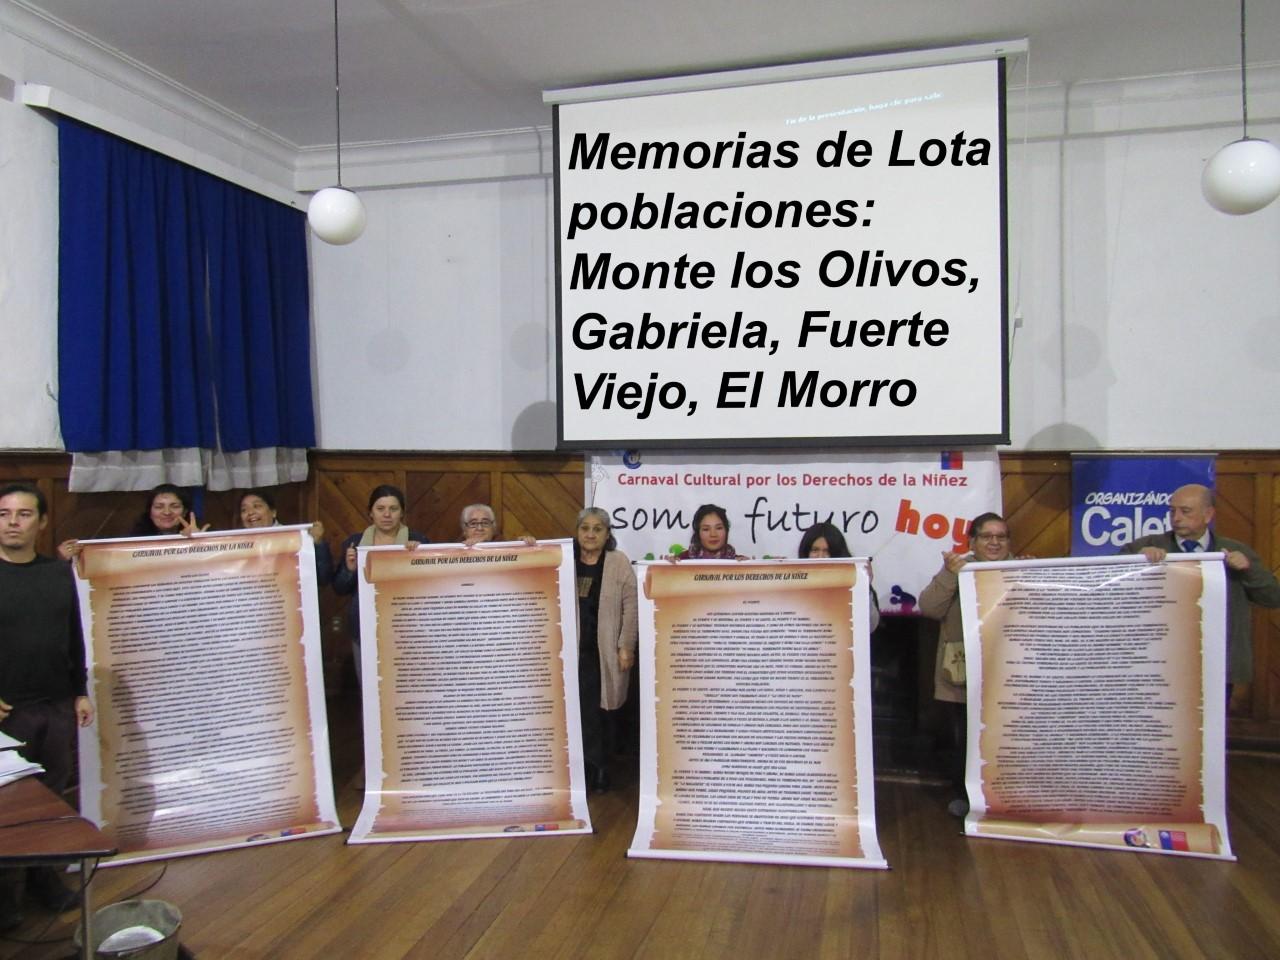 MEMORIAS DE LOTA 2019